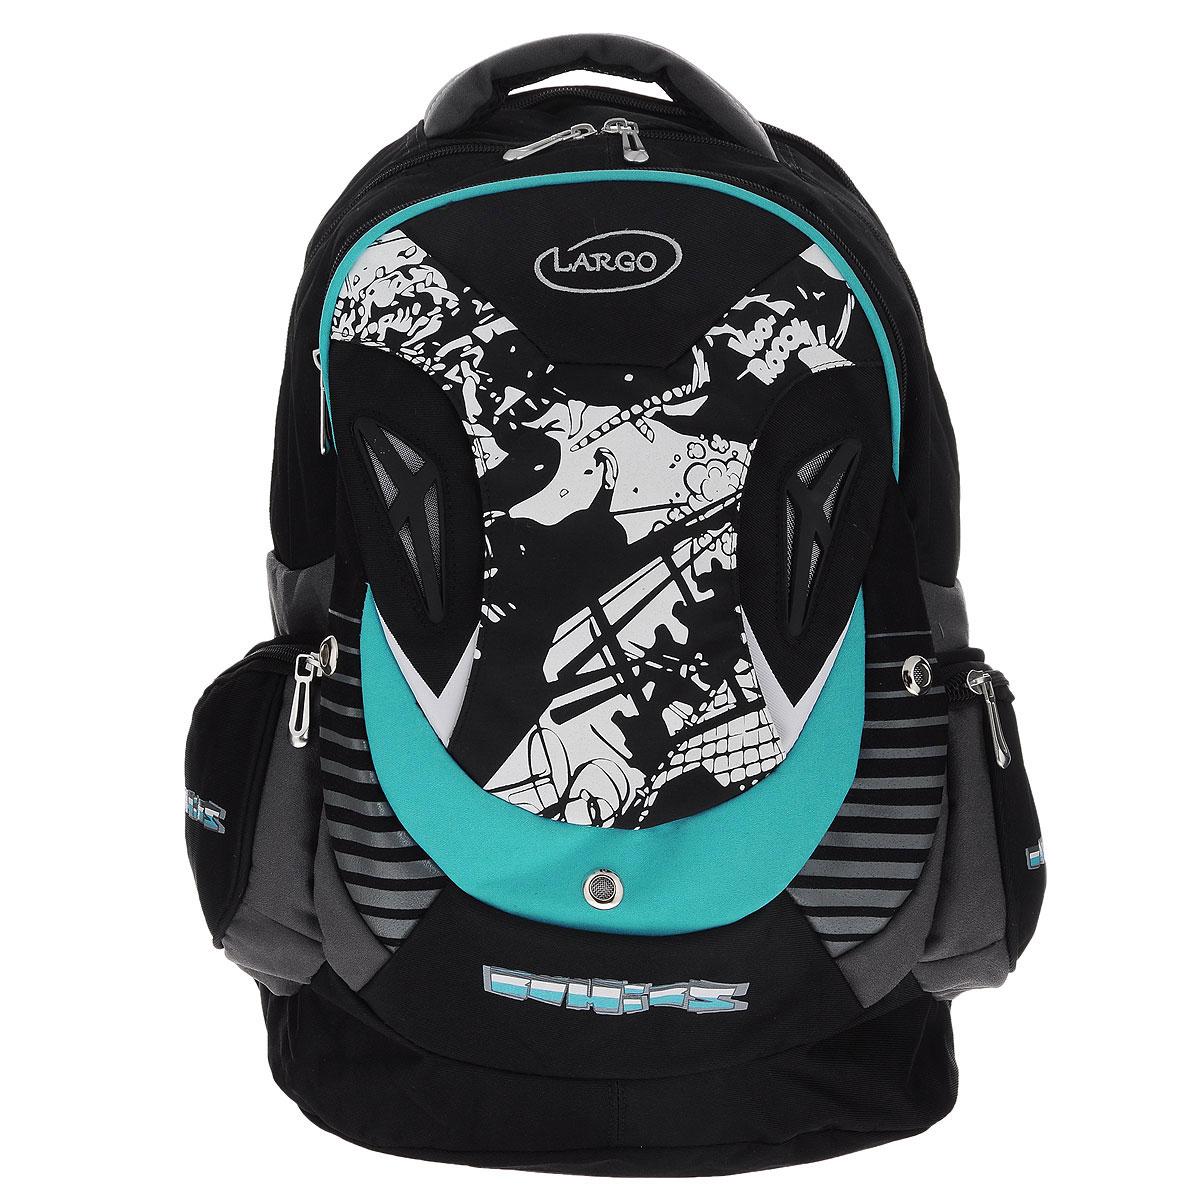 Рюкзак молодежный Proff Largo, цвет: черный, серый, голубой. LB-BPA-17LB-BPA-17Рюкзак молодежный Proff Largo сочетает в себе современный дизайн, функциональность и долговечность.Онвыполнен из водонепроницаемого, морозоустойчивого материла черного, серого и голубого цветов. Рюкзак состоит из двух вместительных отделений, закрывающихся на застежки-молнии. Изделие имеет два накладныхбоковых кармана, закрывающиеся на молнии. Конструкция спинки дополнена двумя эргономичными подушечками ипротивоскользящей сеточкой для предотвращения запотевания спины. Мягкие широкие лямки позволяют легко ибыстро отрегулировать рюкзак в соответствии с ростом. Рюкзак оснащен удобной текстильной ручкой дляпереноски в руке.Этот рюкзак можно использовать для повседневных прогулок, отдыха и спорта, а также какэлемент вашего имиджа.